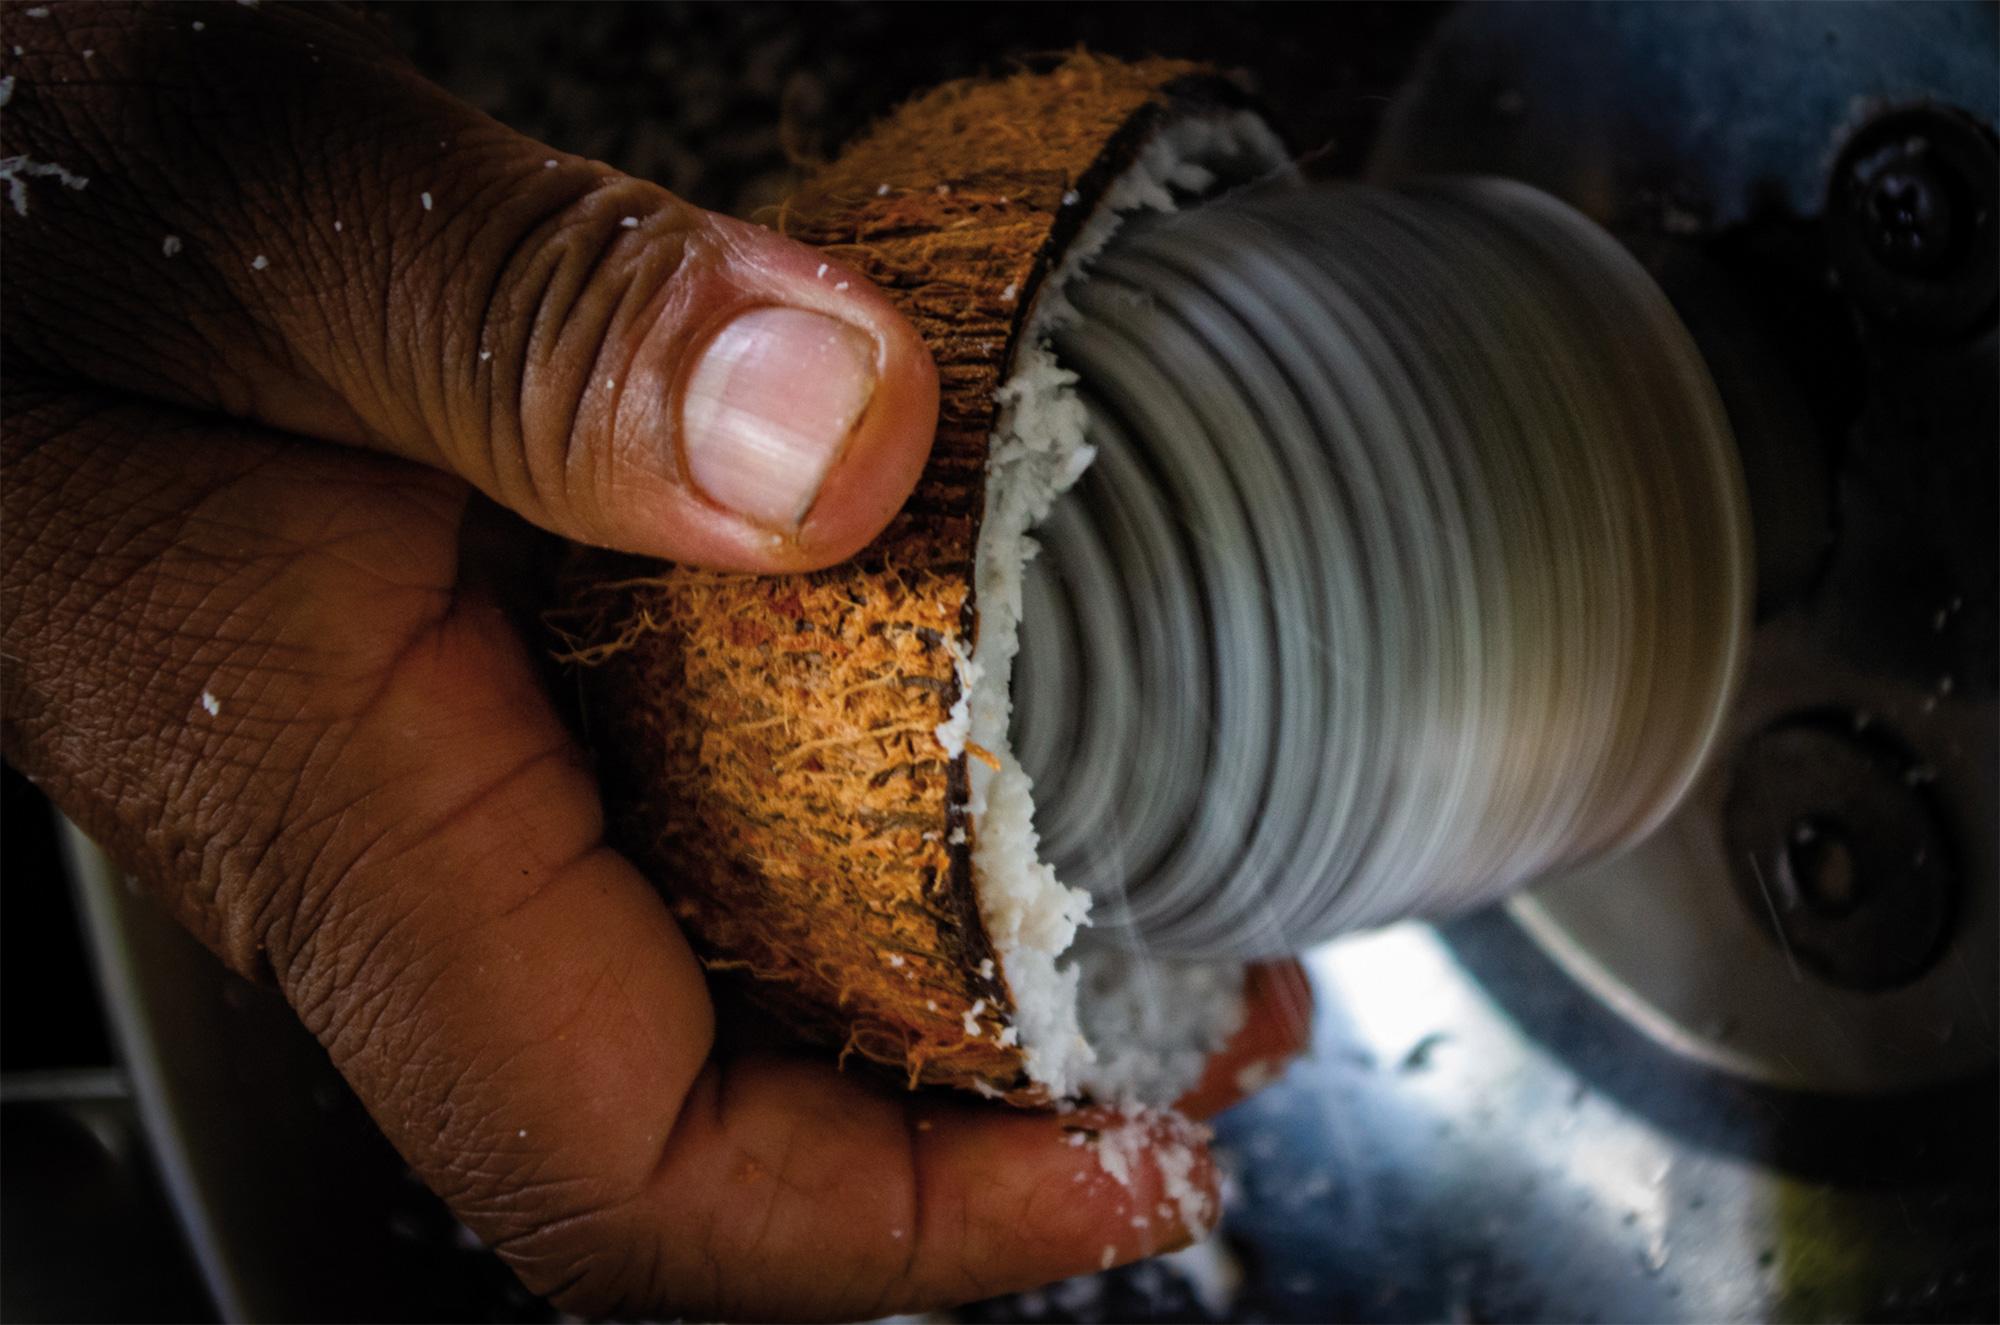 Kokosnuss-Reiben im Ayurveda Resort der one world foundation in Ahungalla, Sri Lanka, Foto: Ronald Jaklitsch